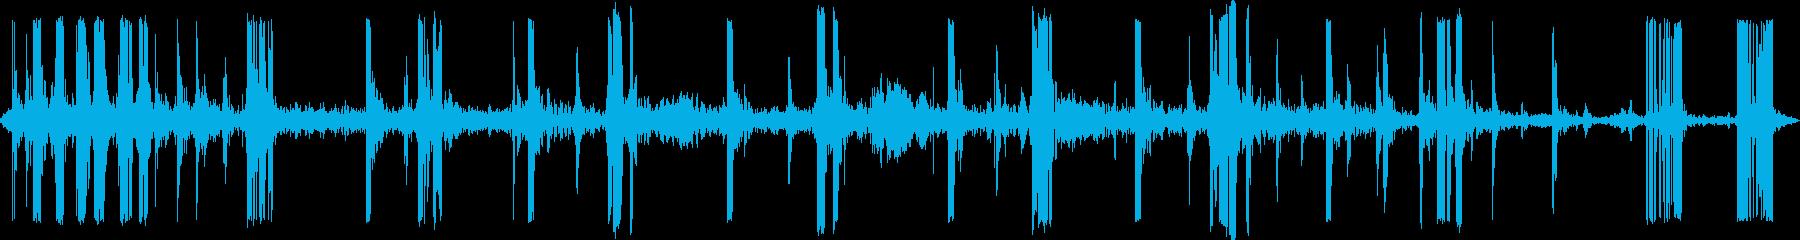 ストレッチクランキーキーキーの再生済みの波形